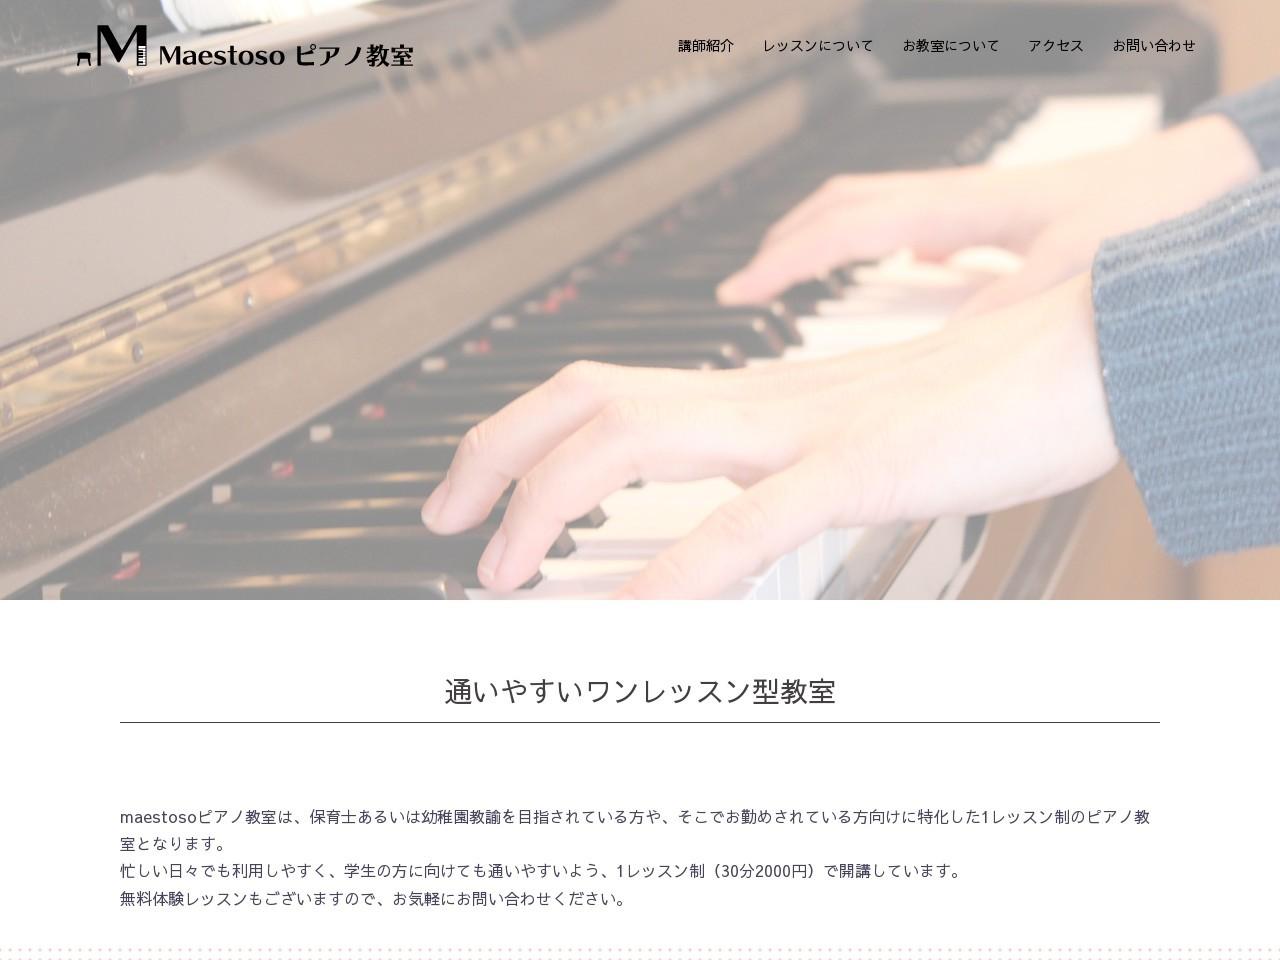 Maestosoピアノ教室のサムネイル